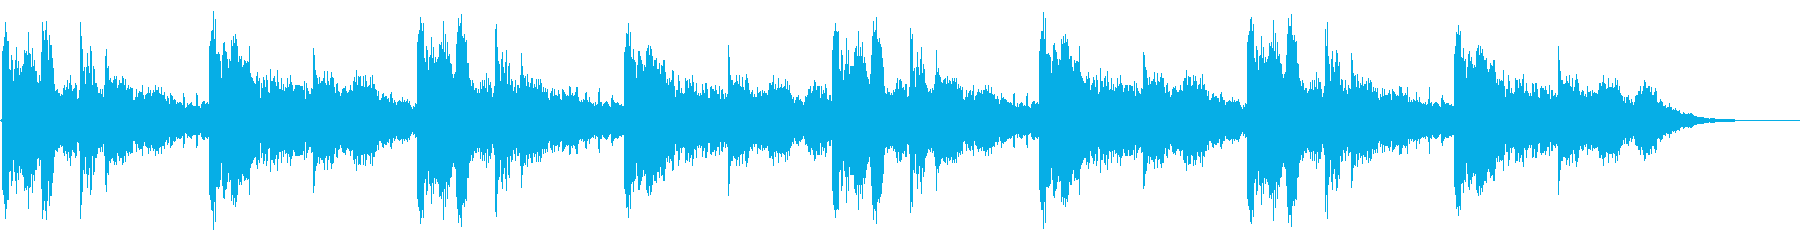 シューティング・映画などのタイトルロゴの再生済みの波形